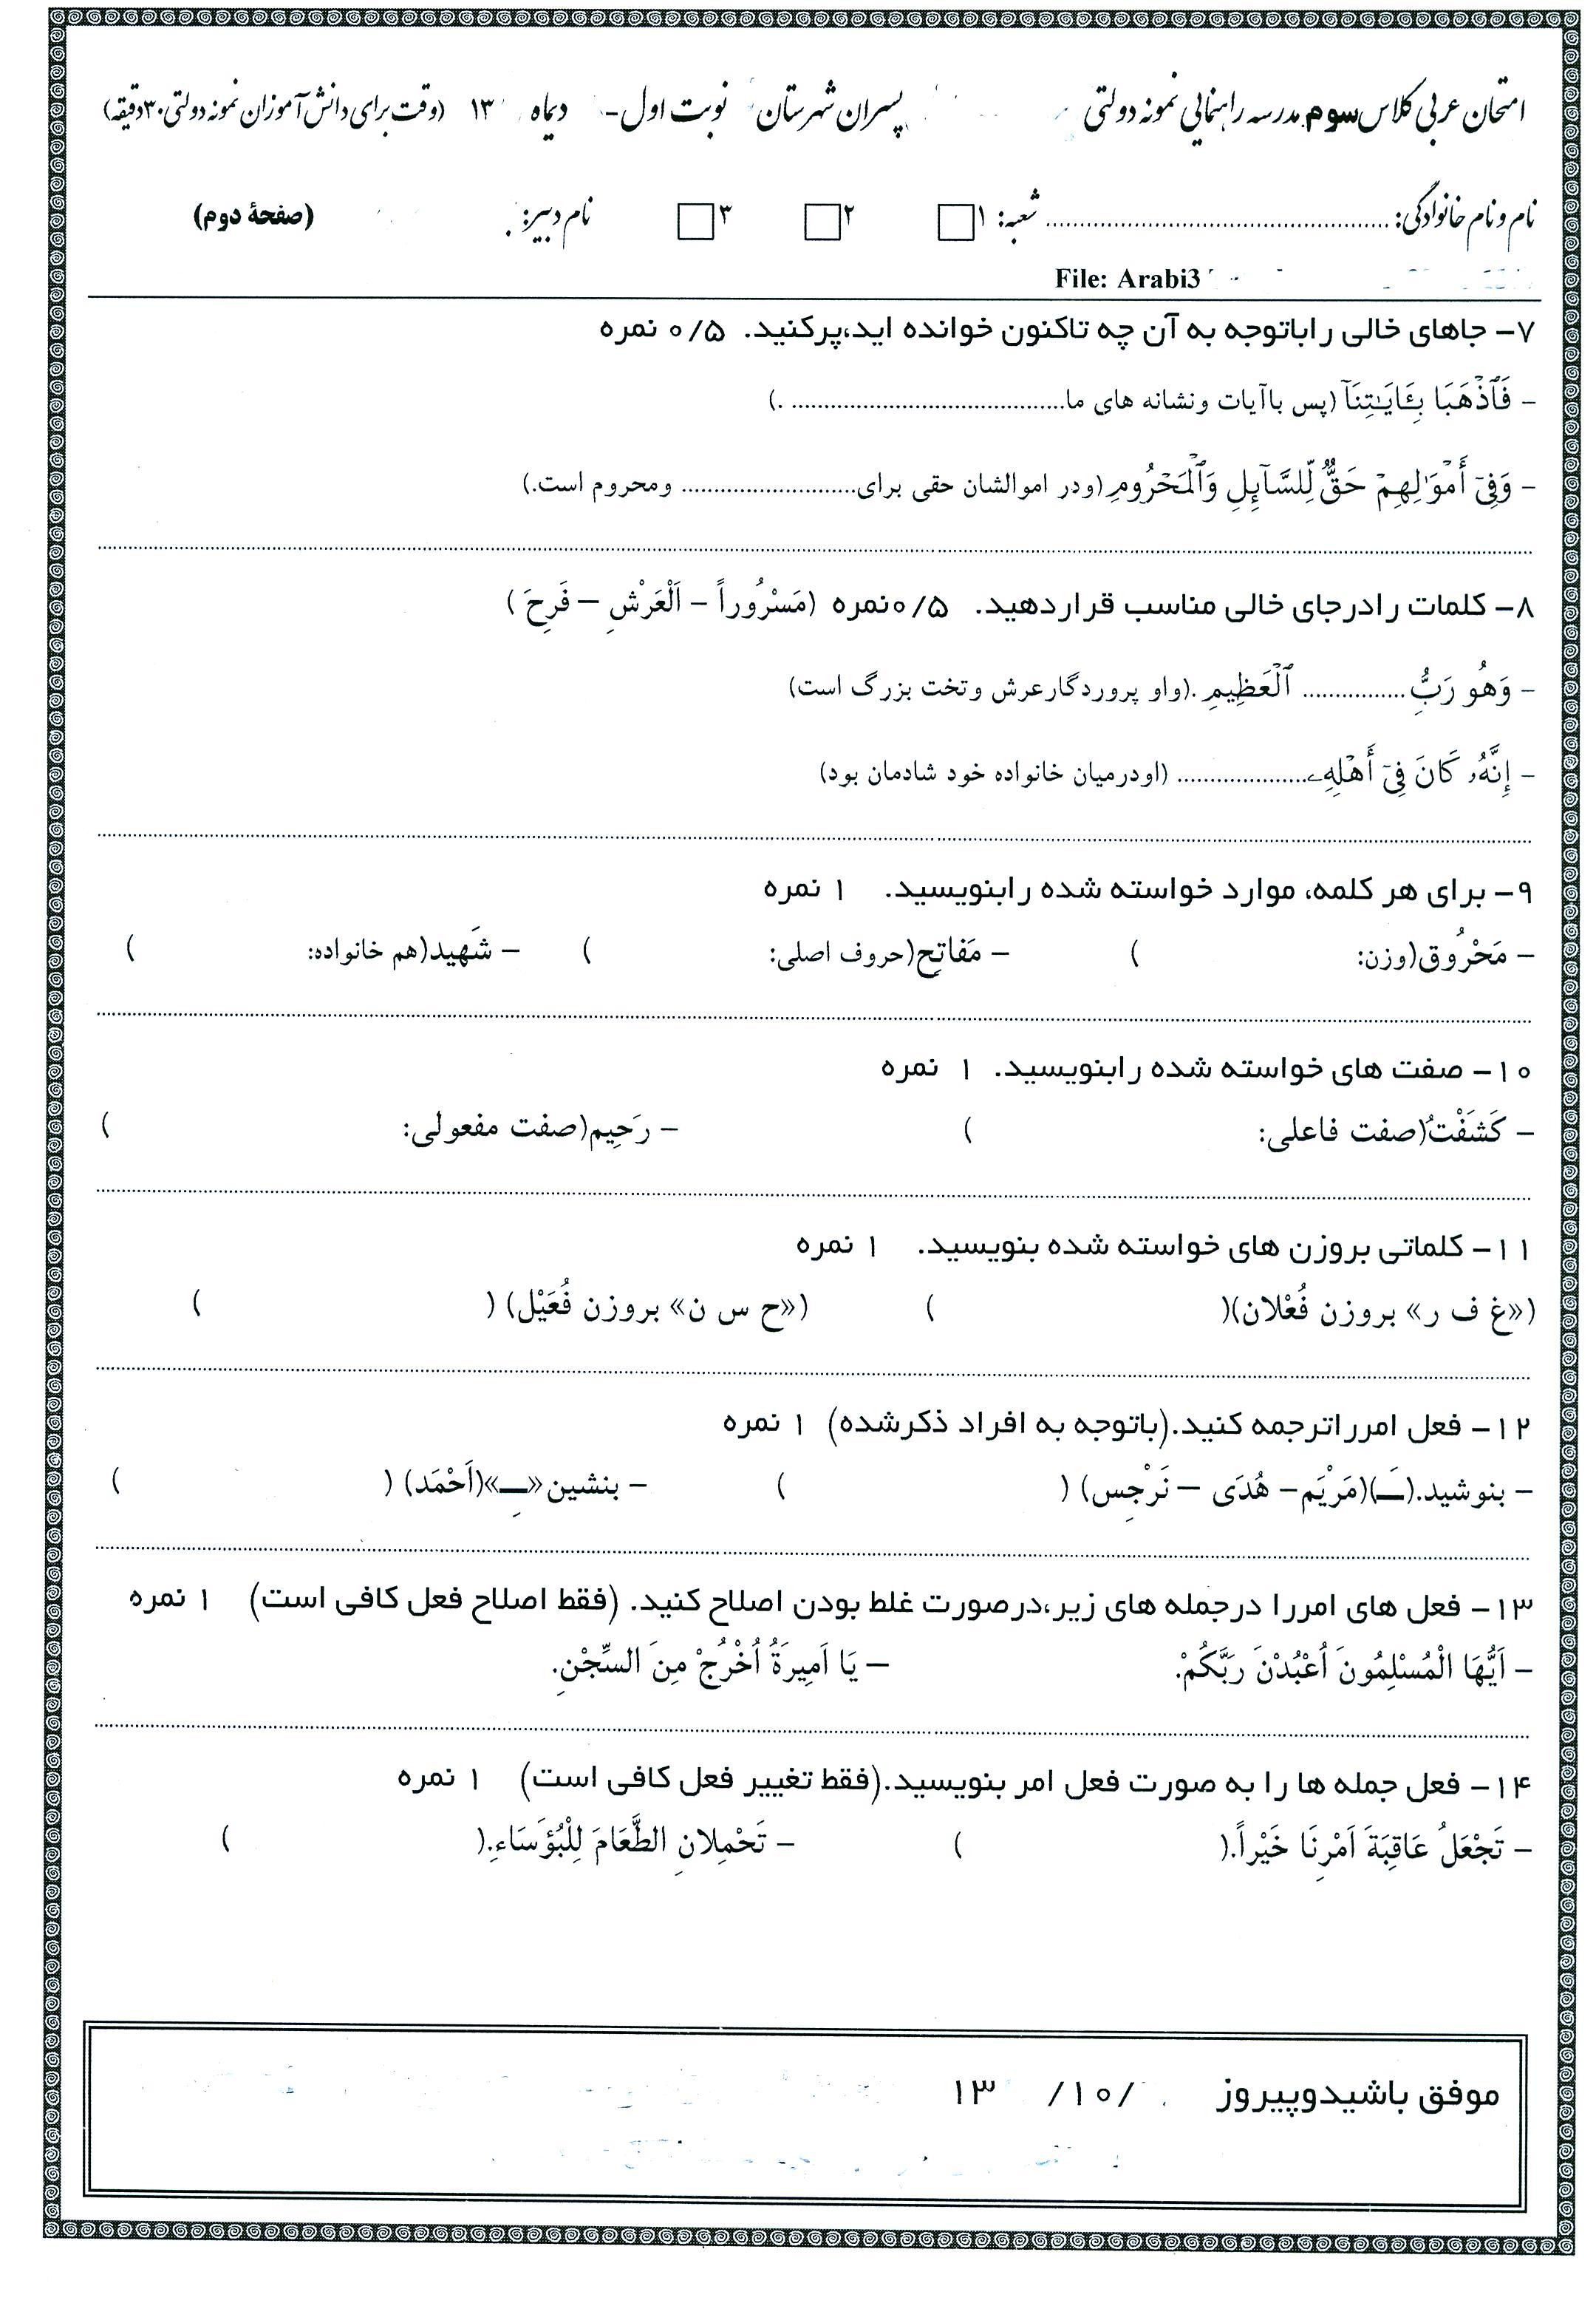 گلبرگ (آموزشي ،اطلاعاتی ديني و عربي )صفحه دوم اینجا